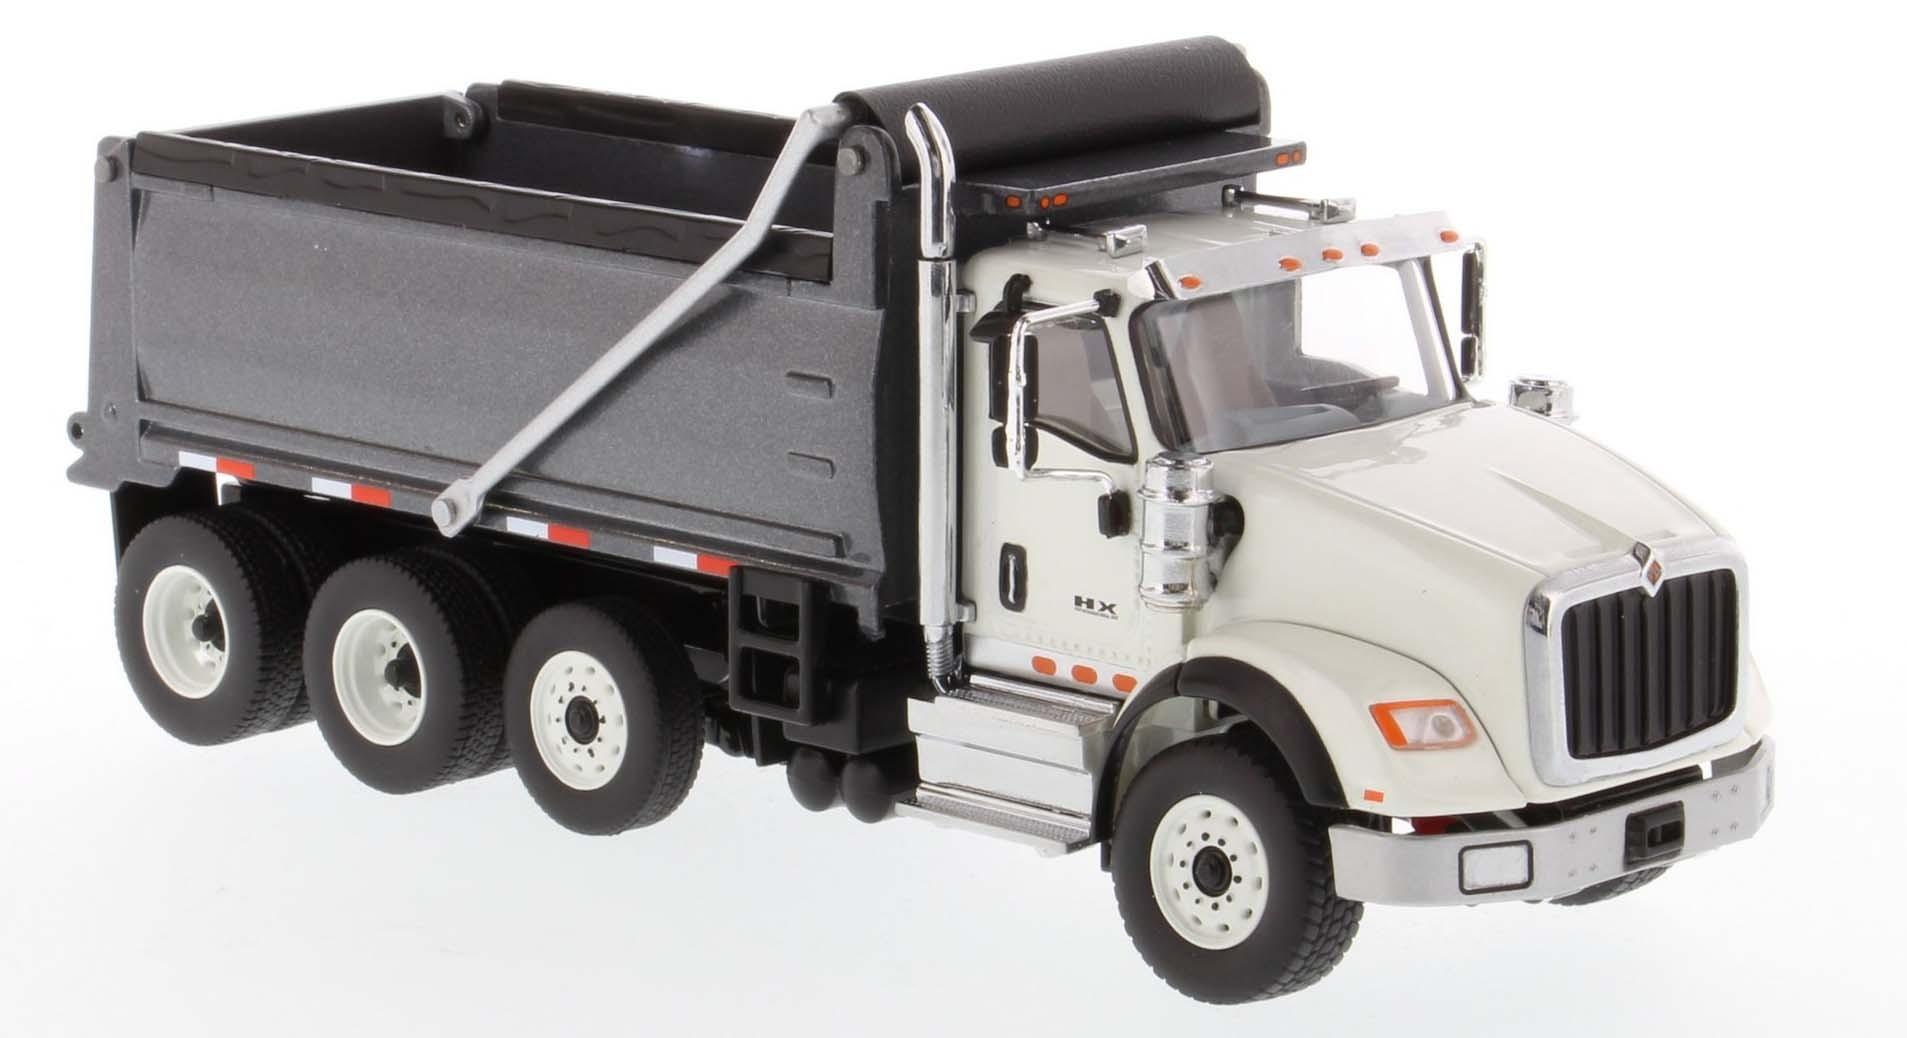 International HX620 Dump Truck in White with Gun Metal Grey Bed